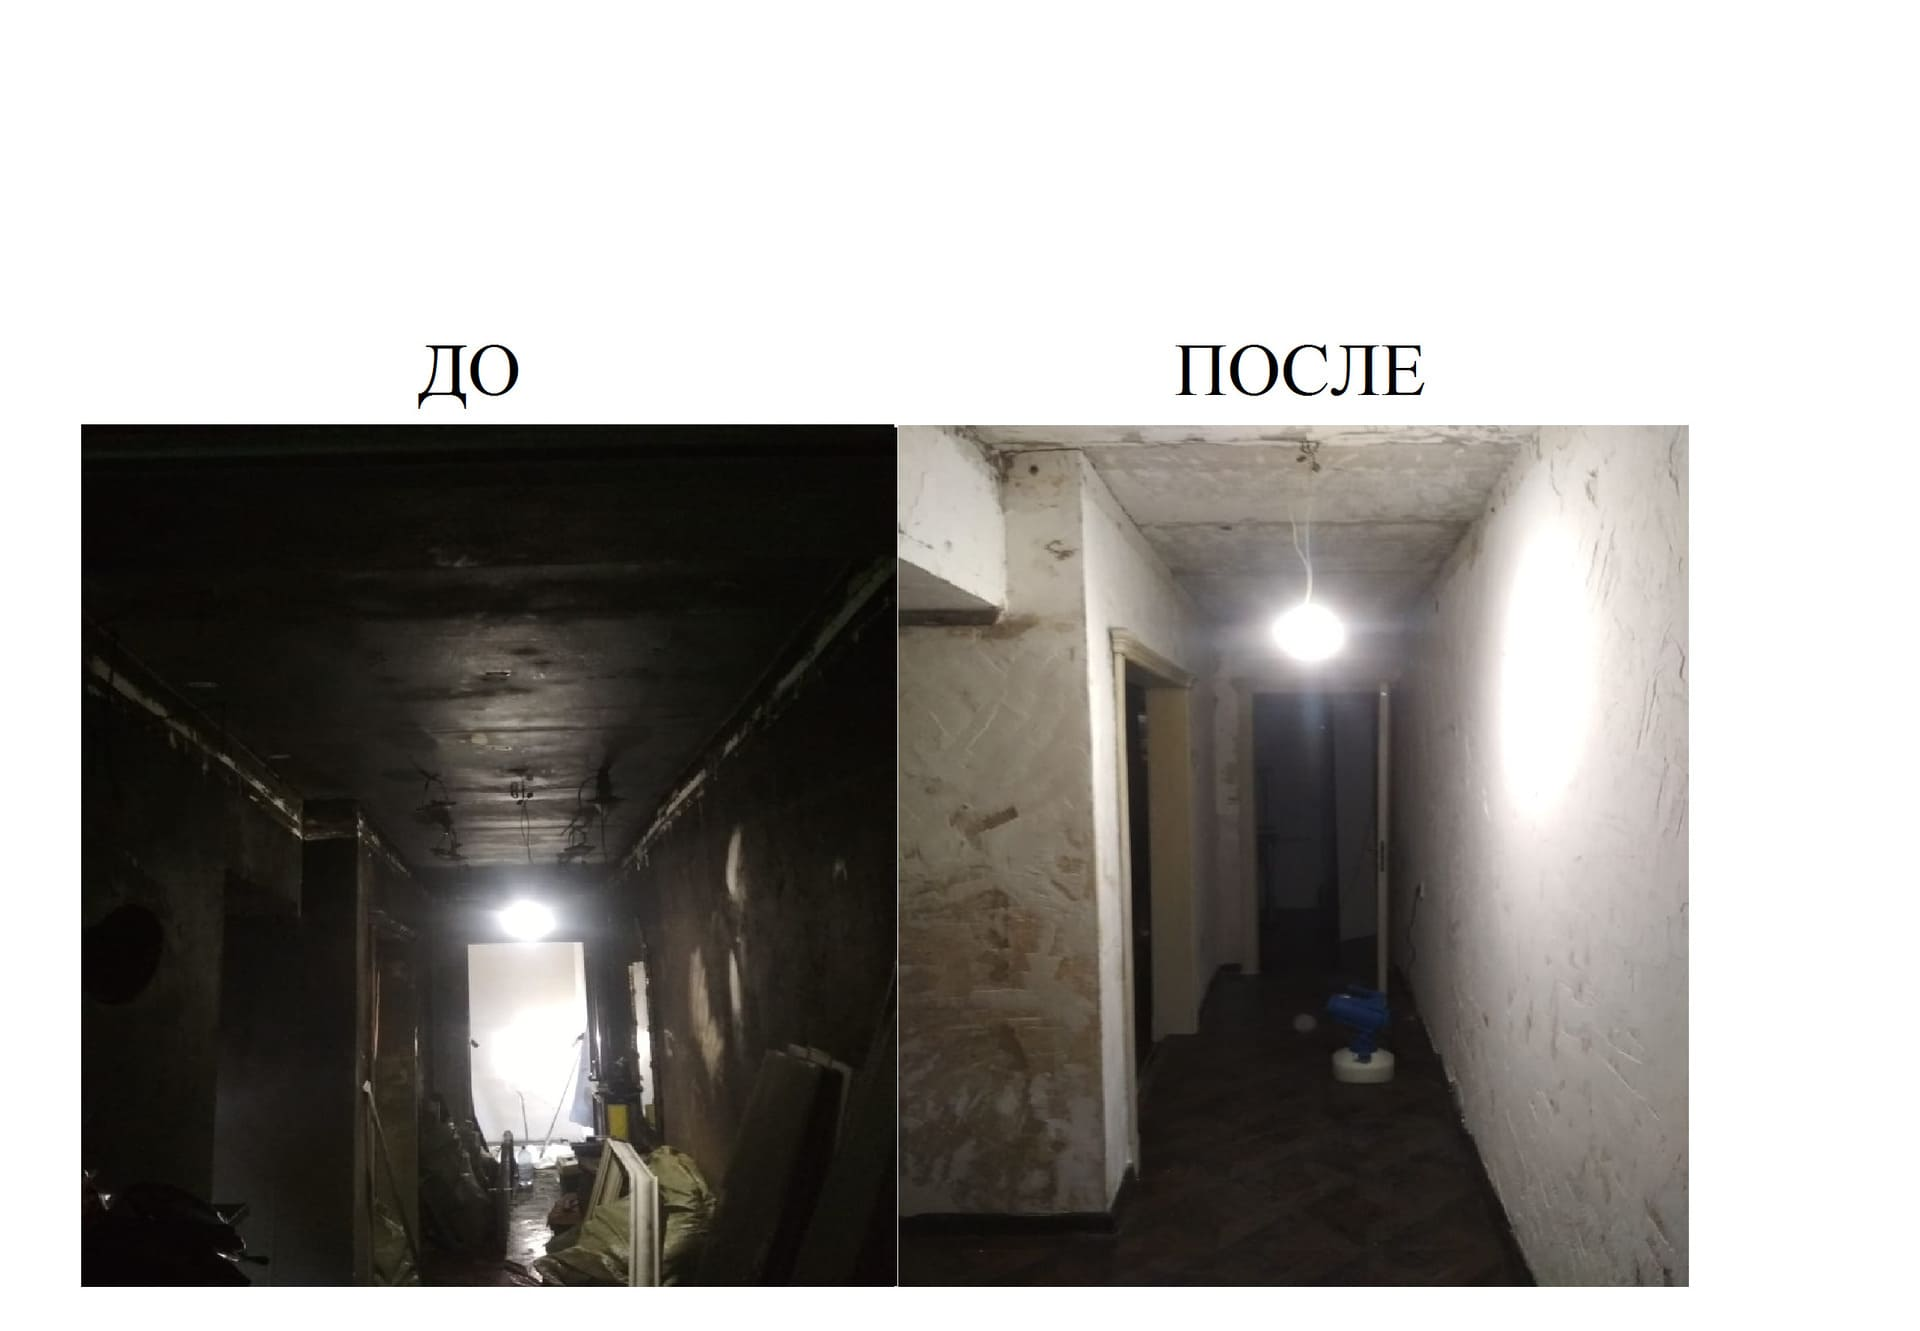 уборка квартиры от пожара